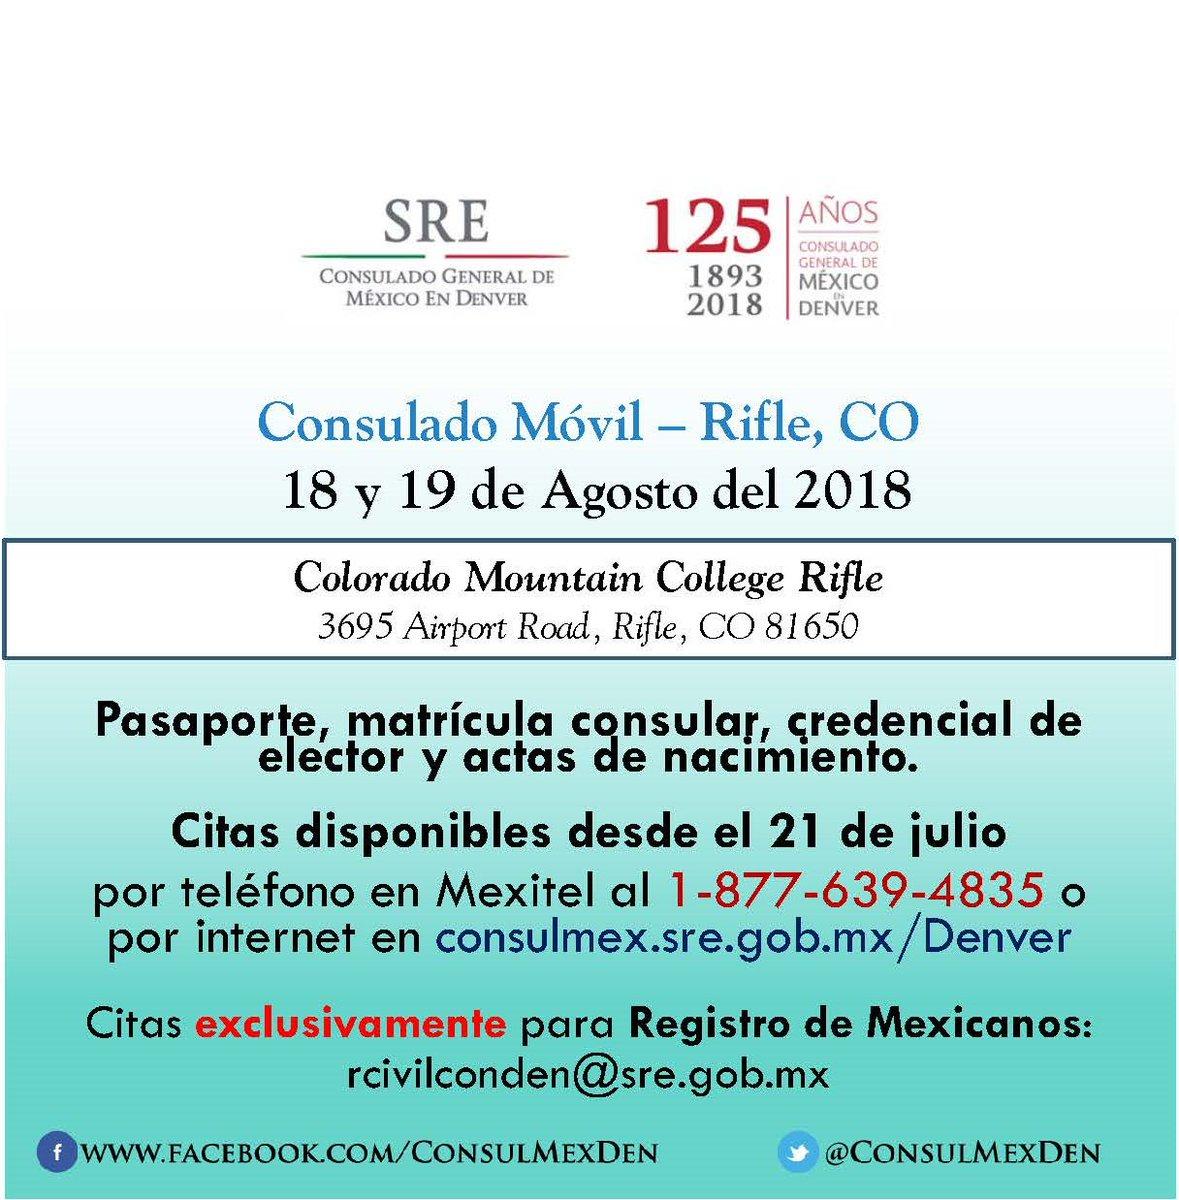 Consulmex Denver on Twitter: